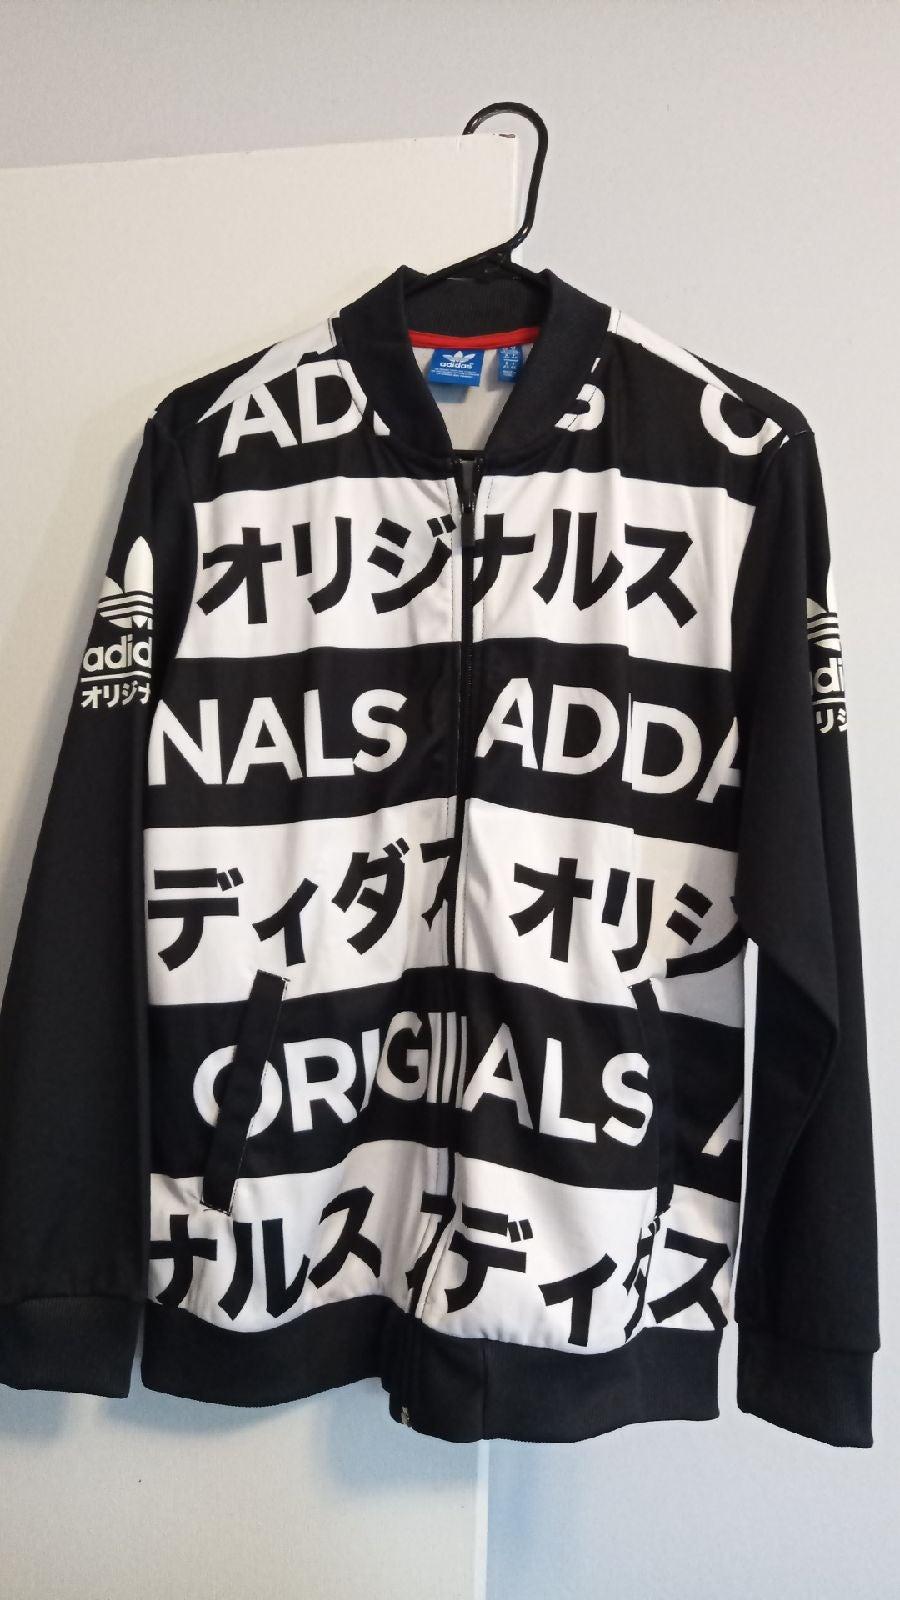 Adidas Originals Typo Print Jacket